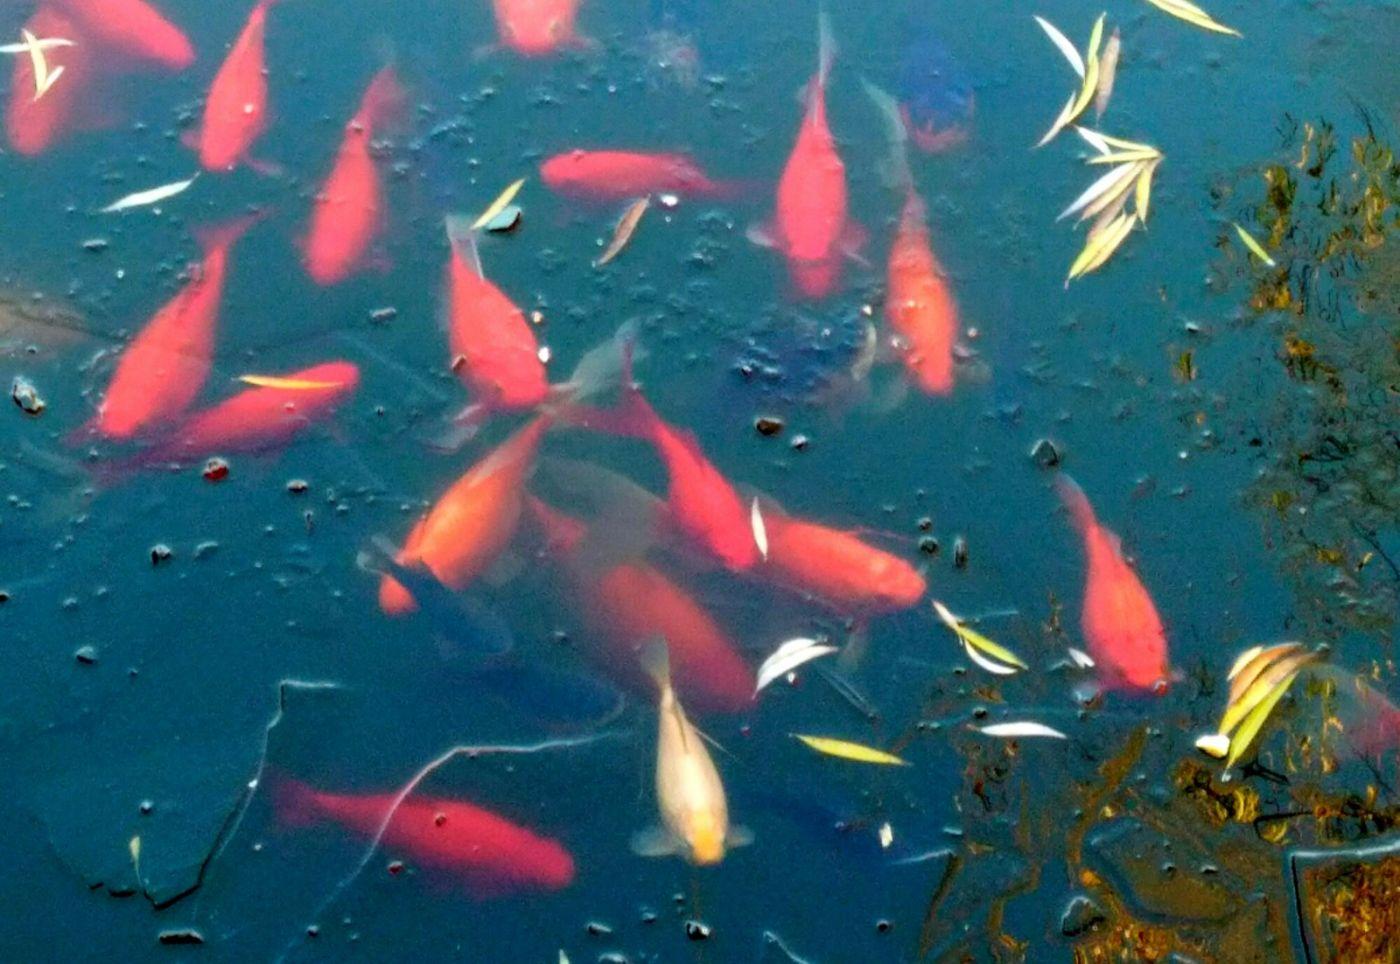 言日:子非鱼——冬景颐和园_图1-1